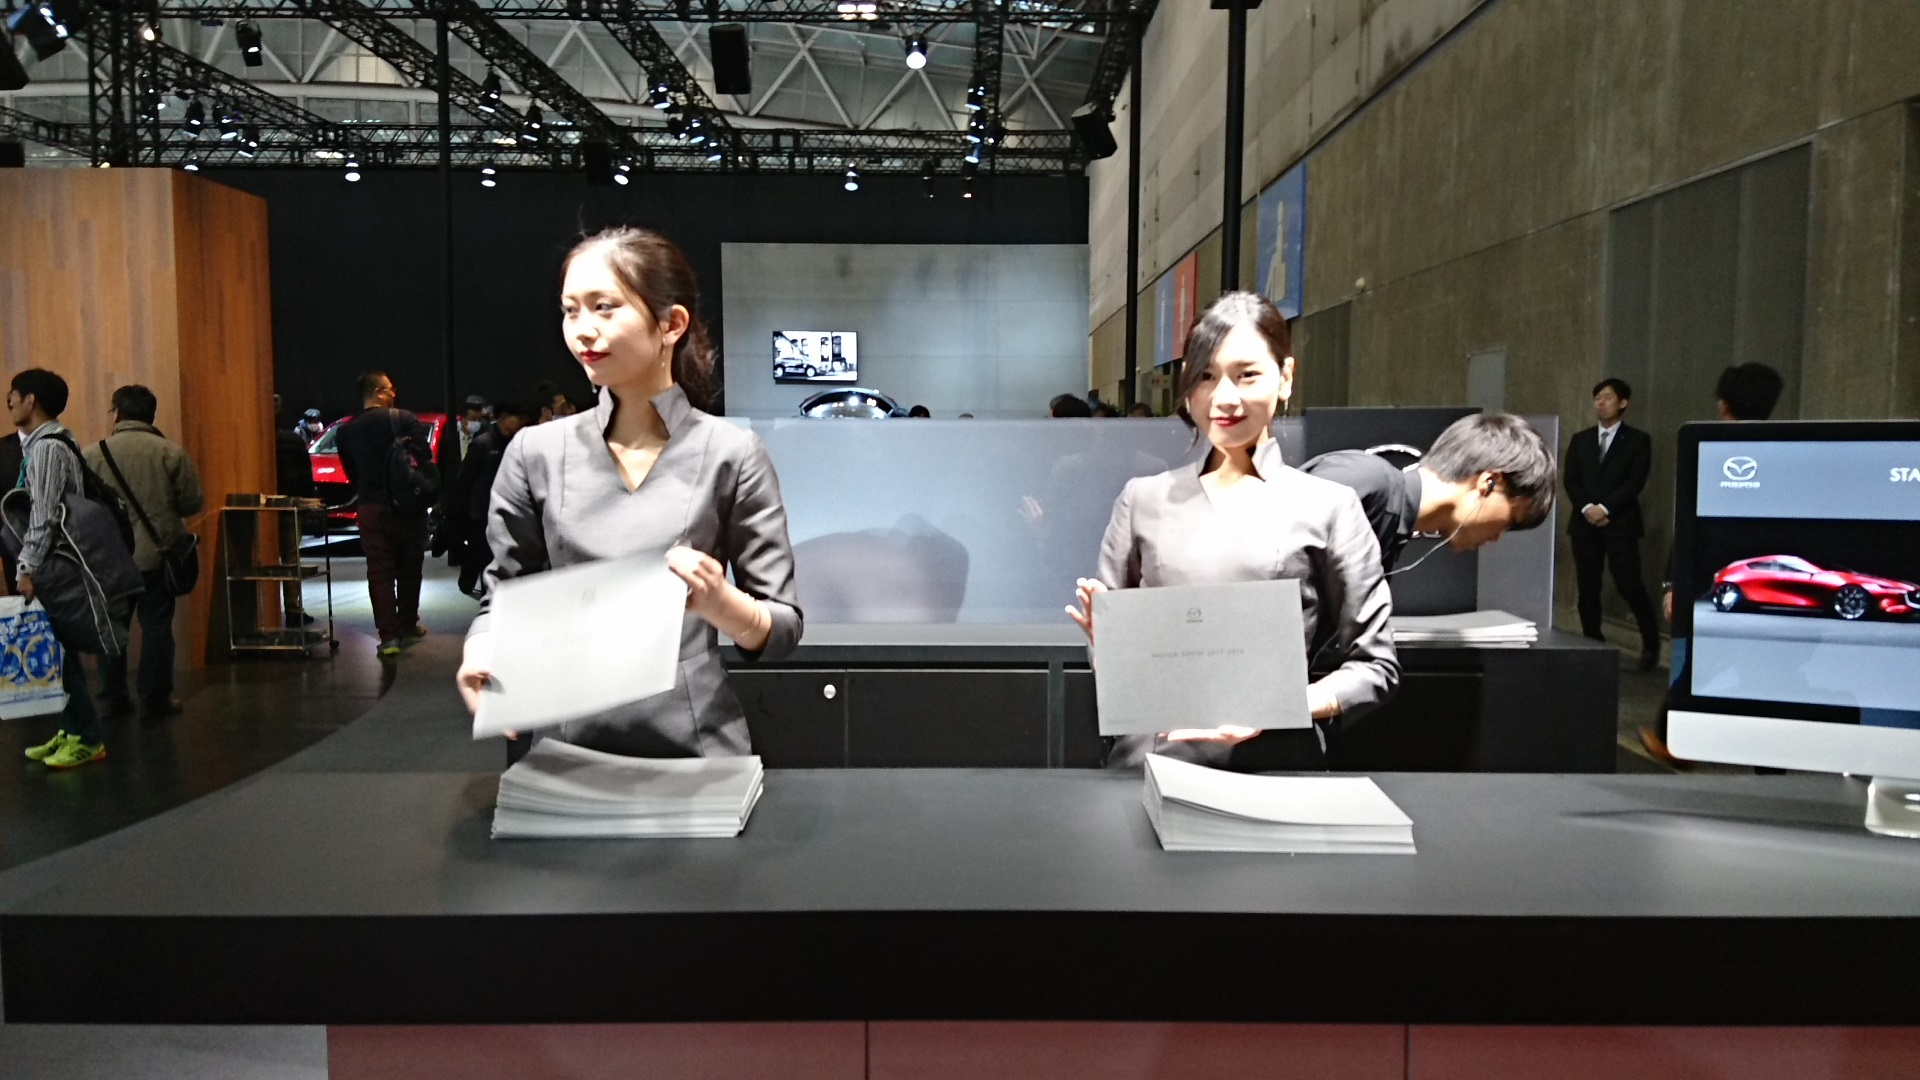 2017.11.24 名古屋 (34) モーターショー - マツダ 1920-1080